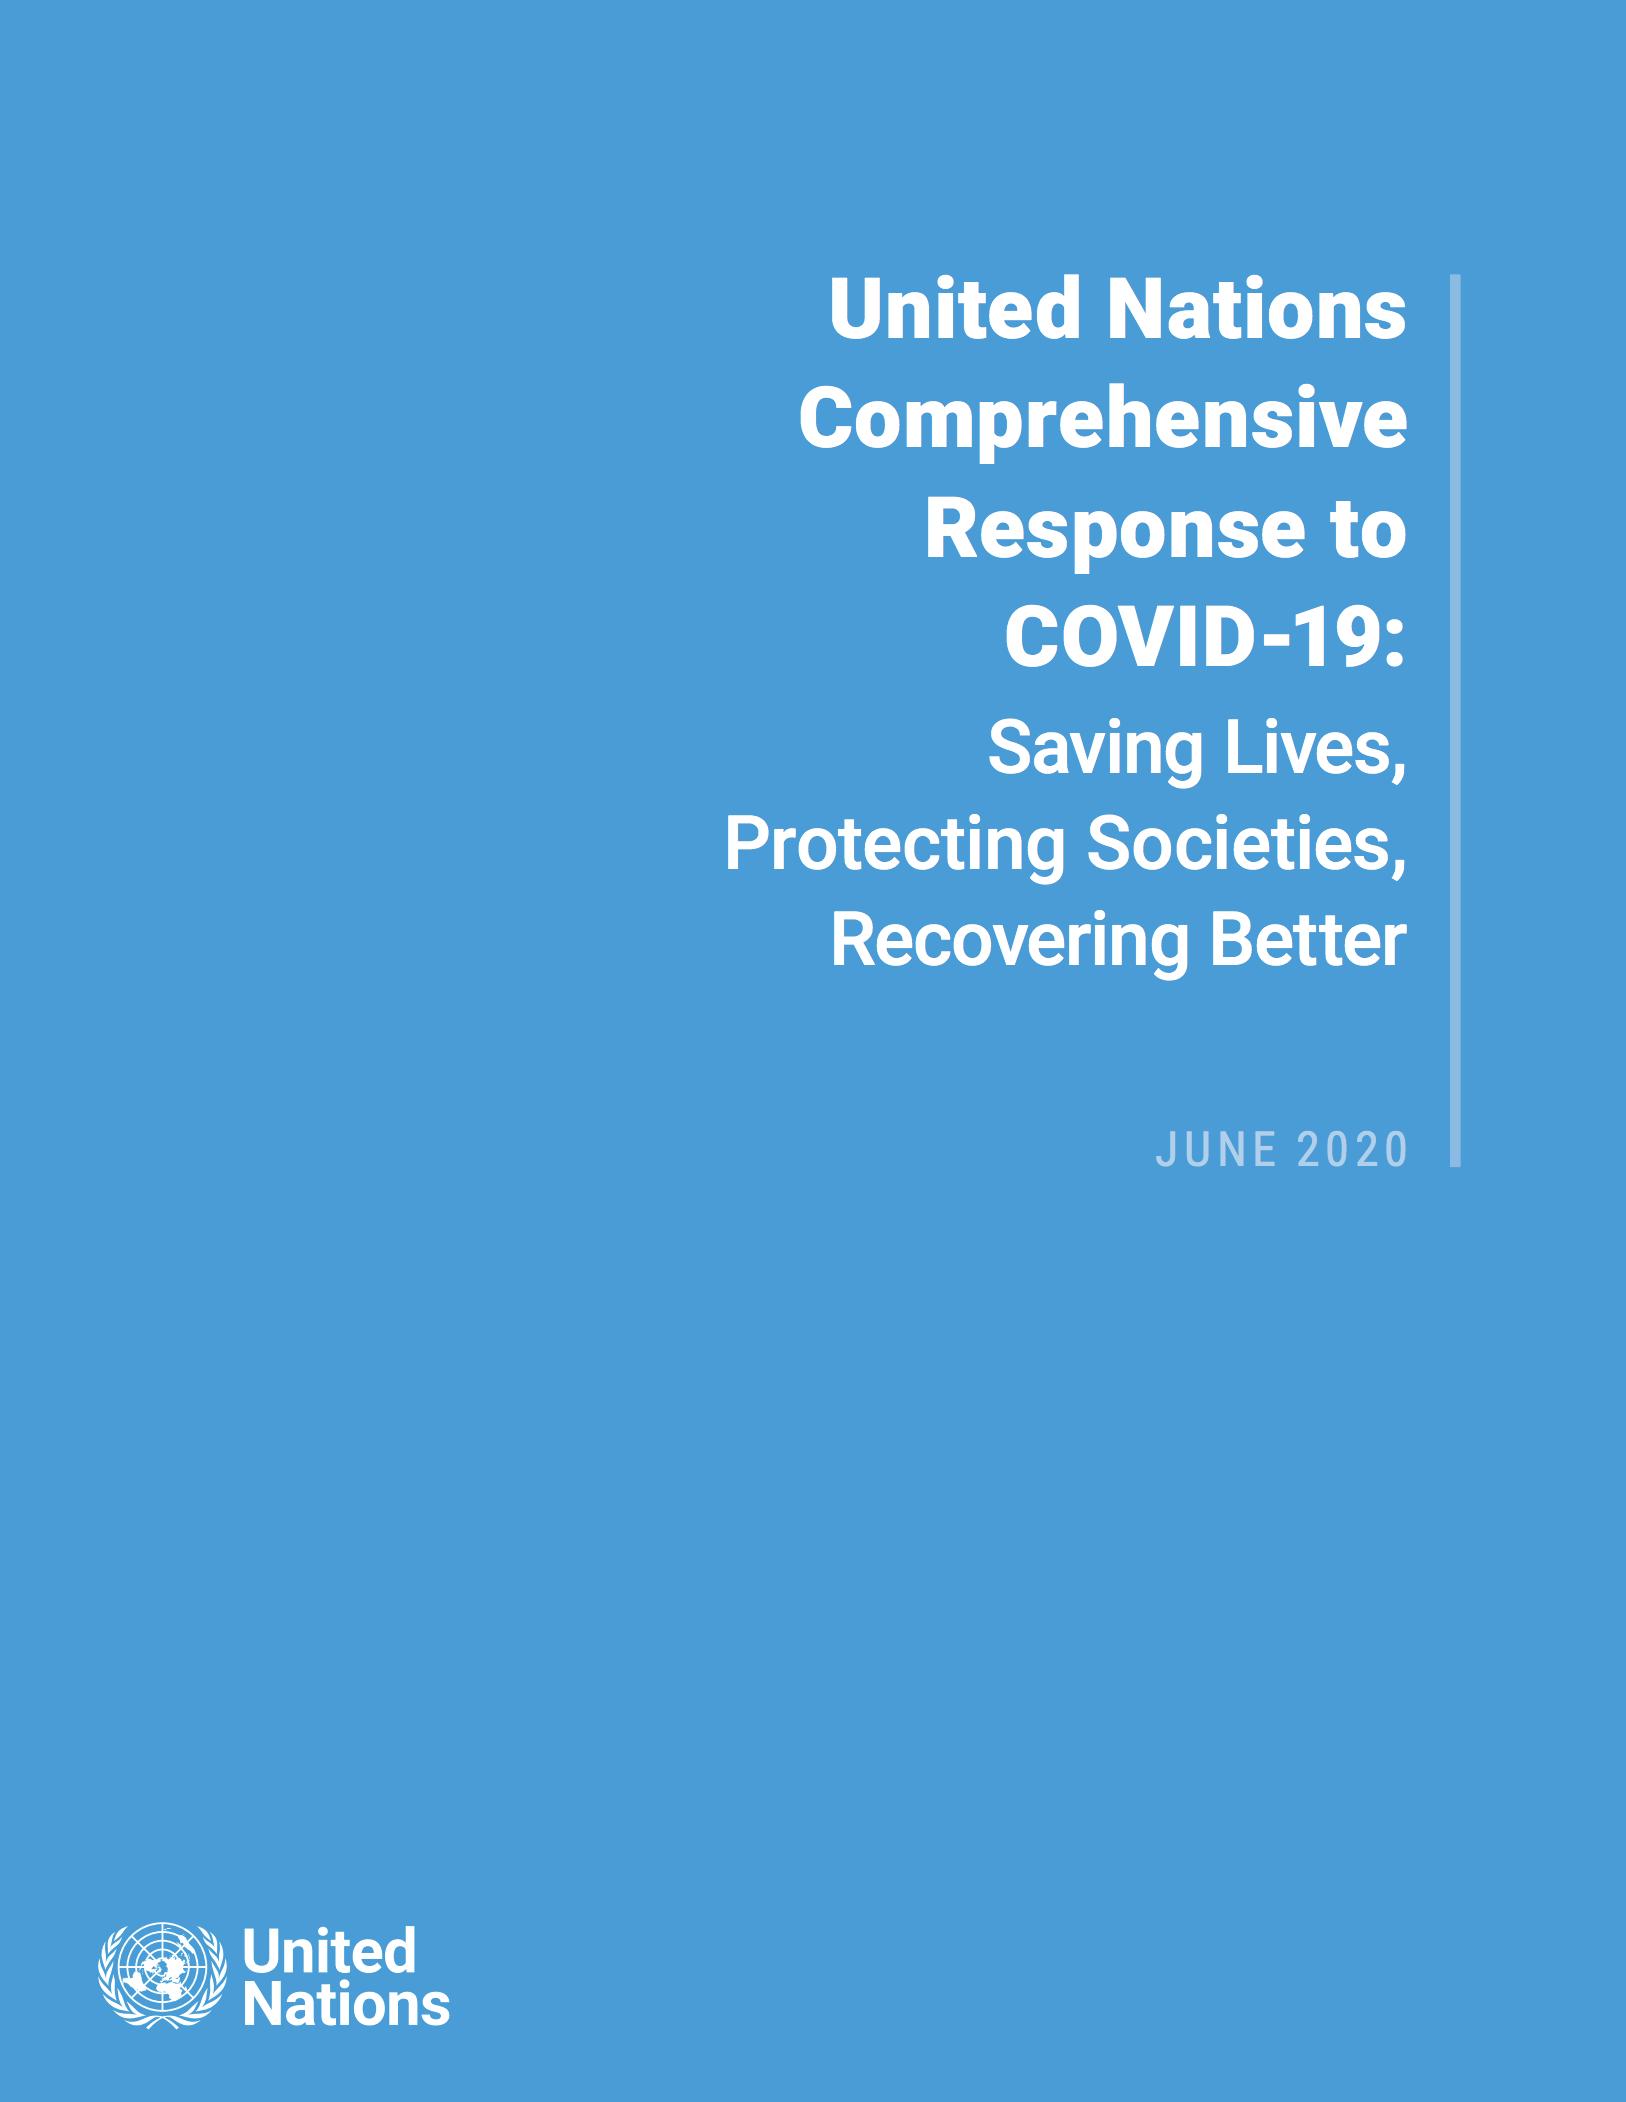 UN Comprehensive Response to COVID-19